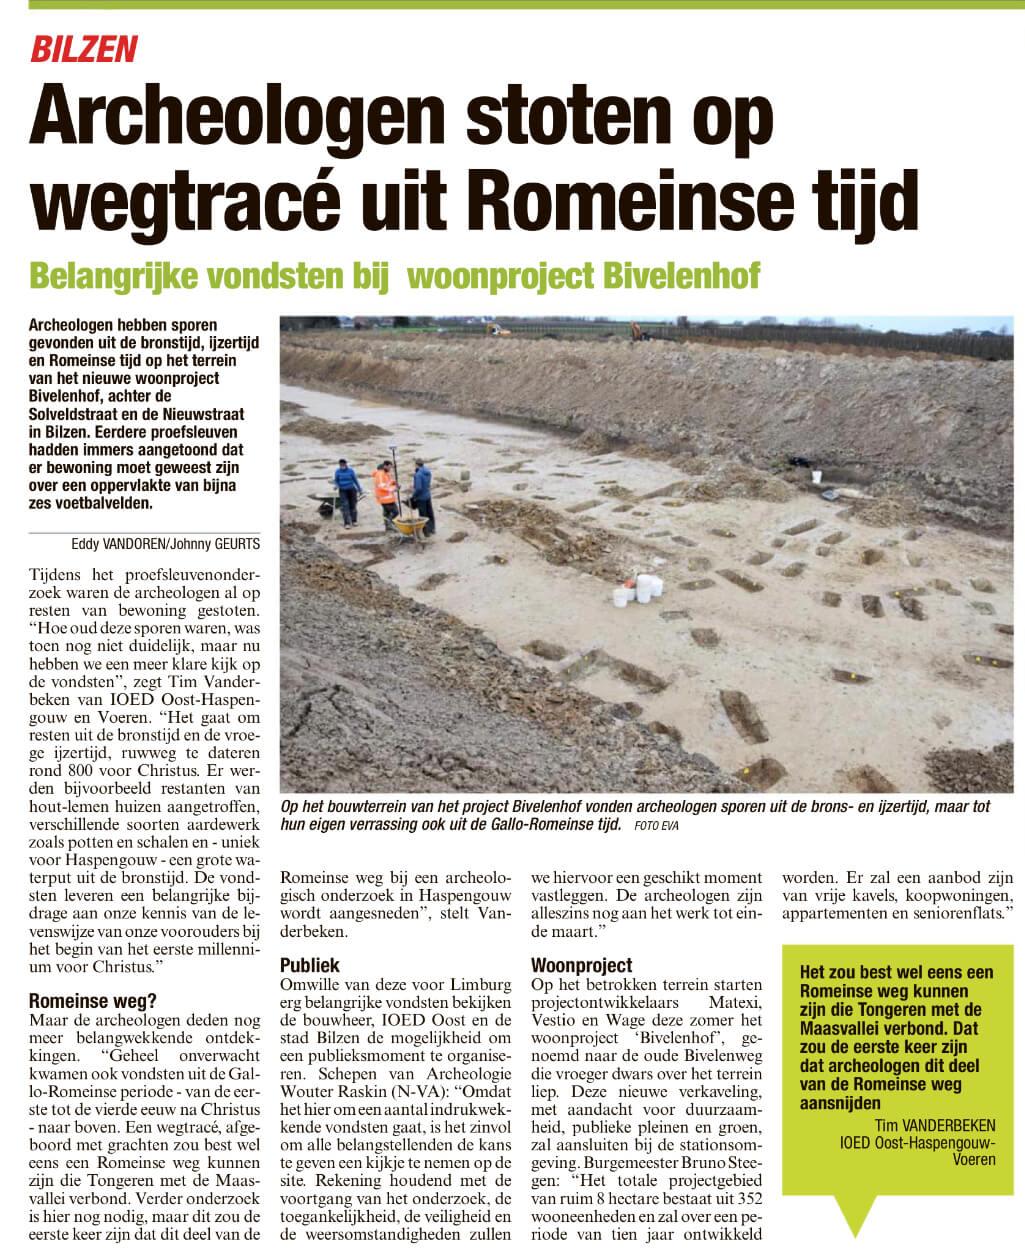 Archeologen stoten op wegtracé uit Romeinse tijd